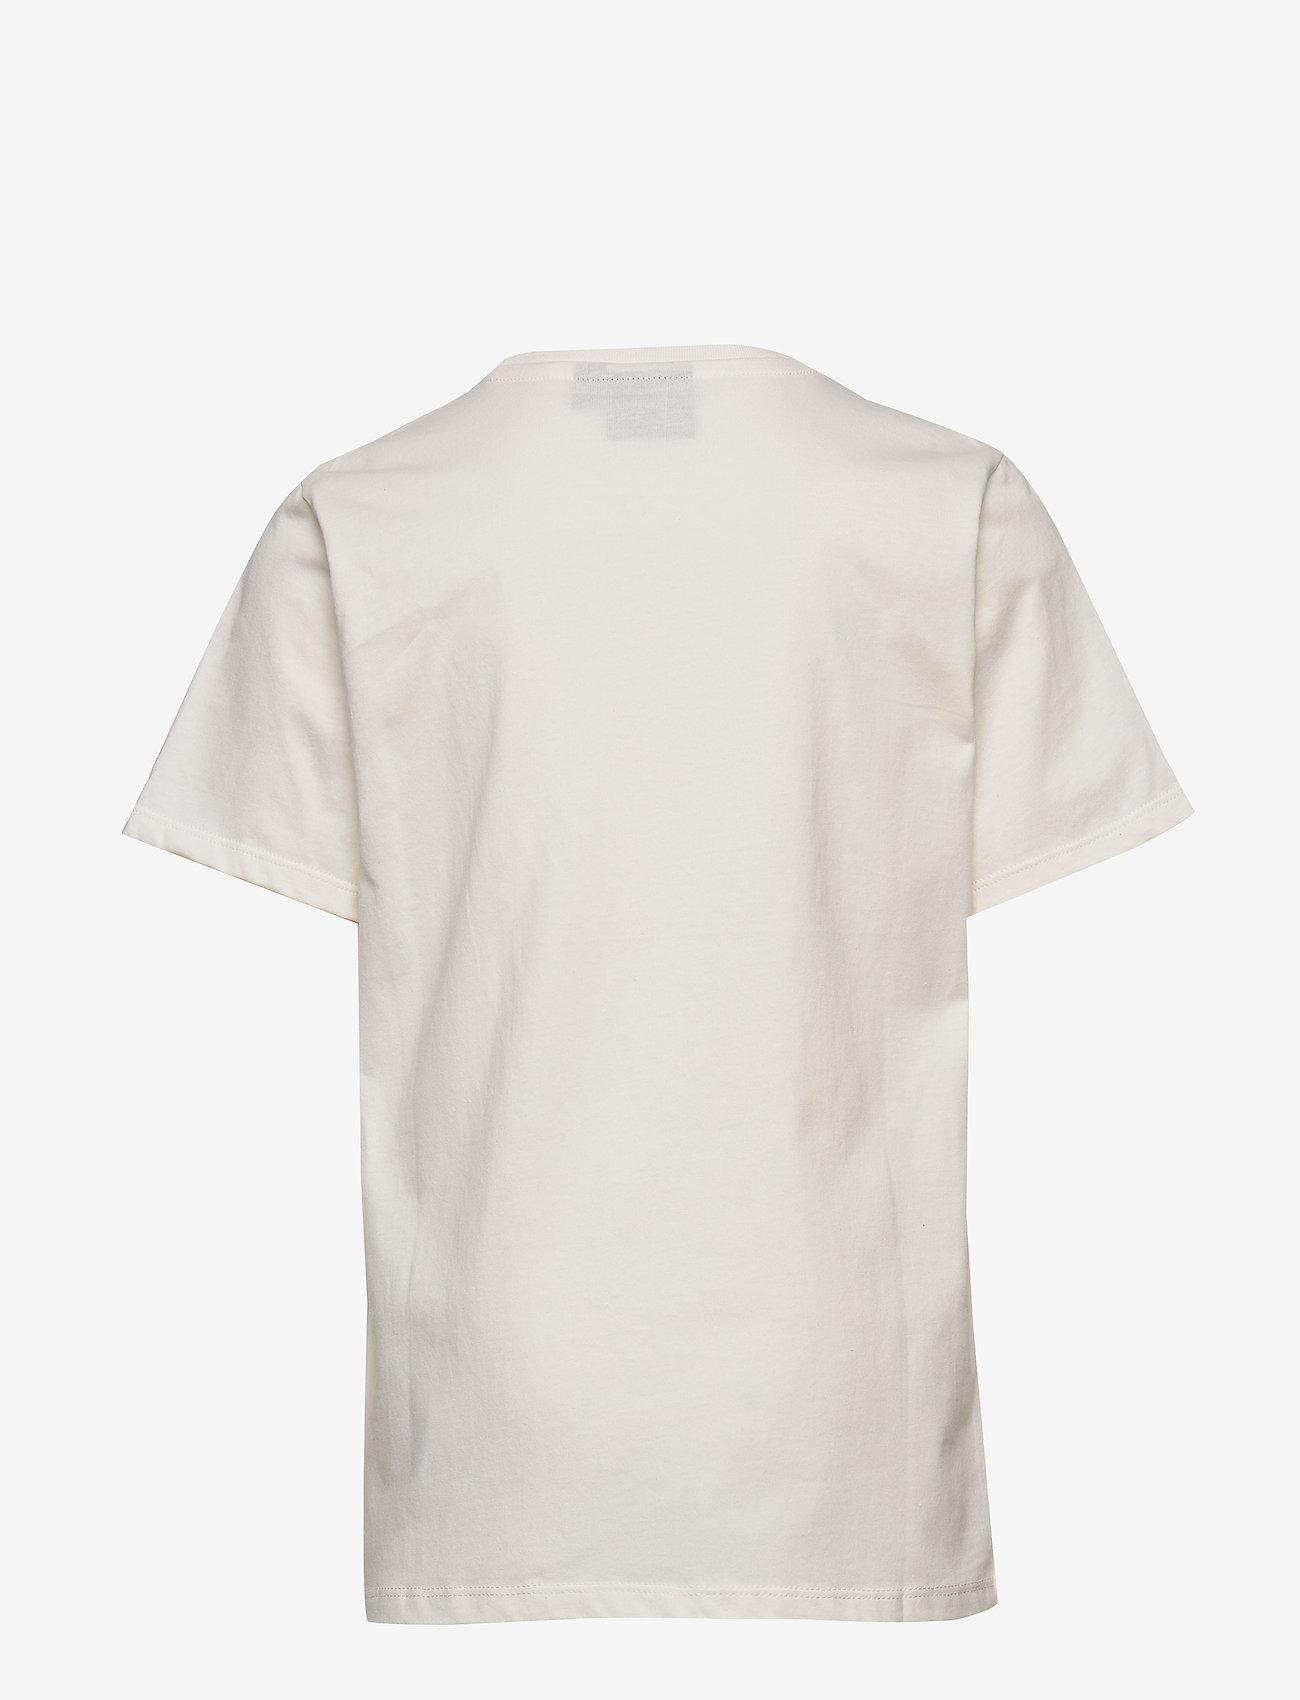 Hummel Hmluni T-shirt S/s - Överdelar Whisper White